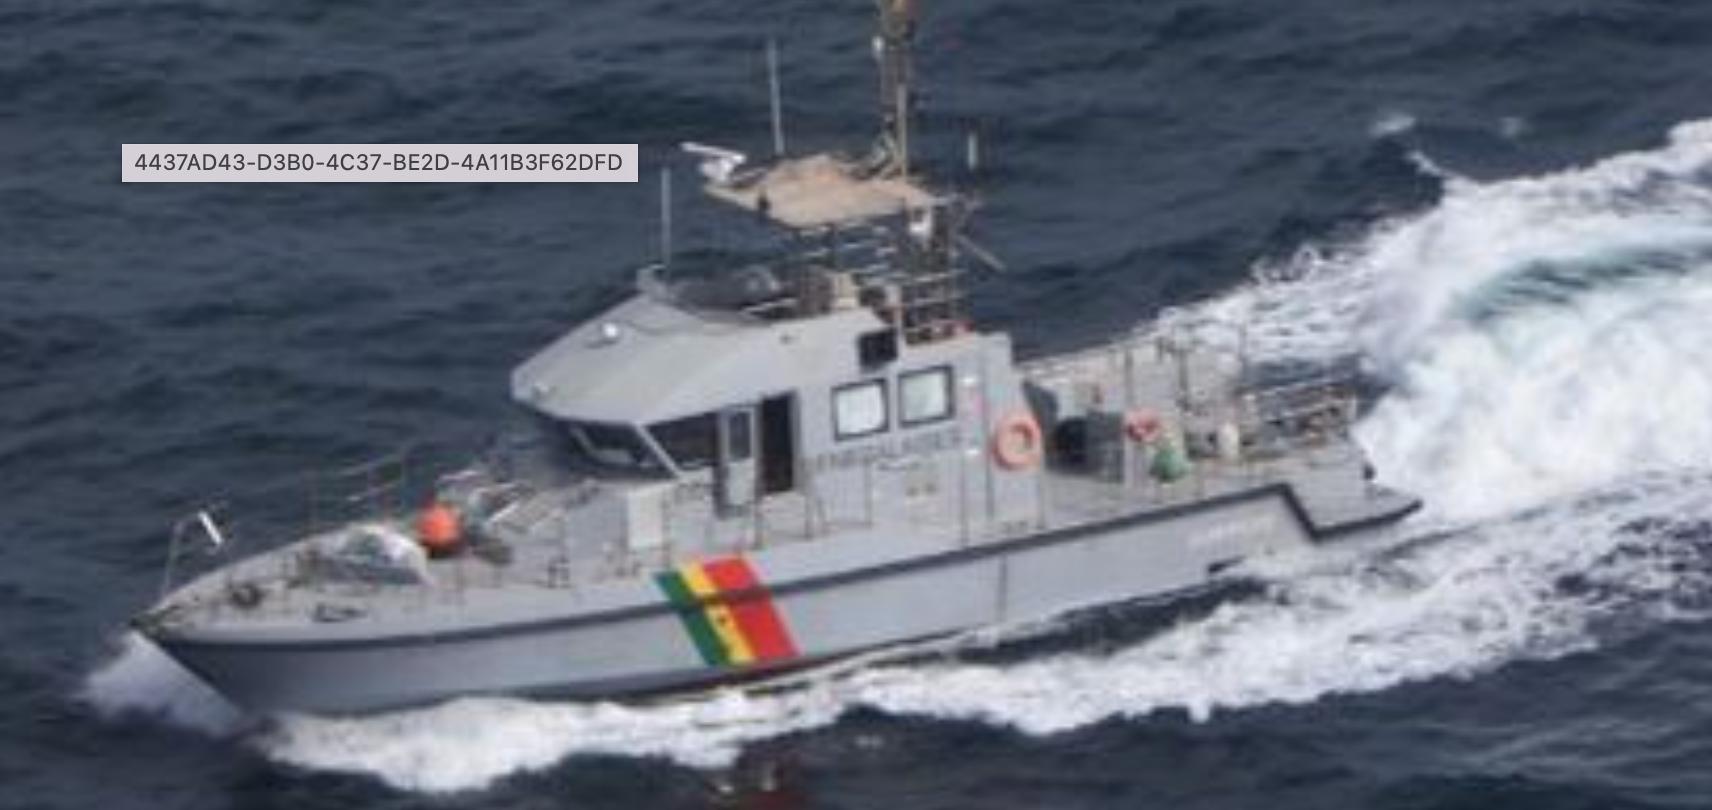 Mission de surveillance des pêches: Le Falcon 50, les patrouilleurs le Taouay et le Djiffere manœuvrent dans le Golfe de Guinée